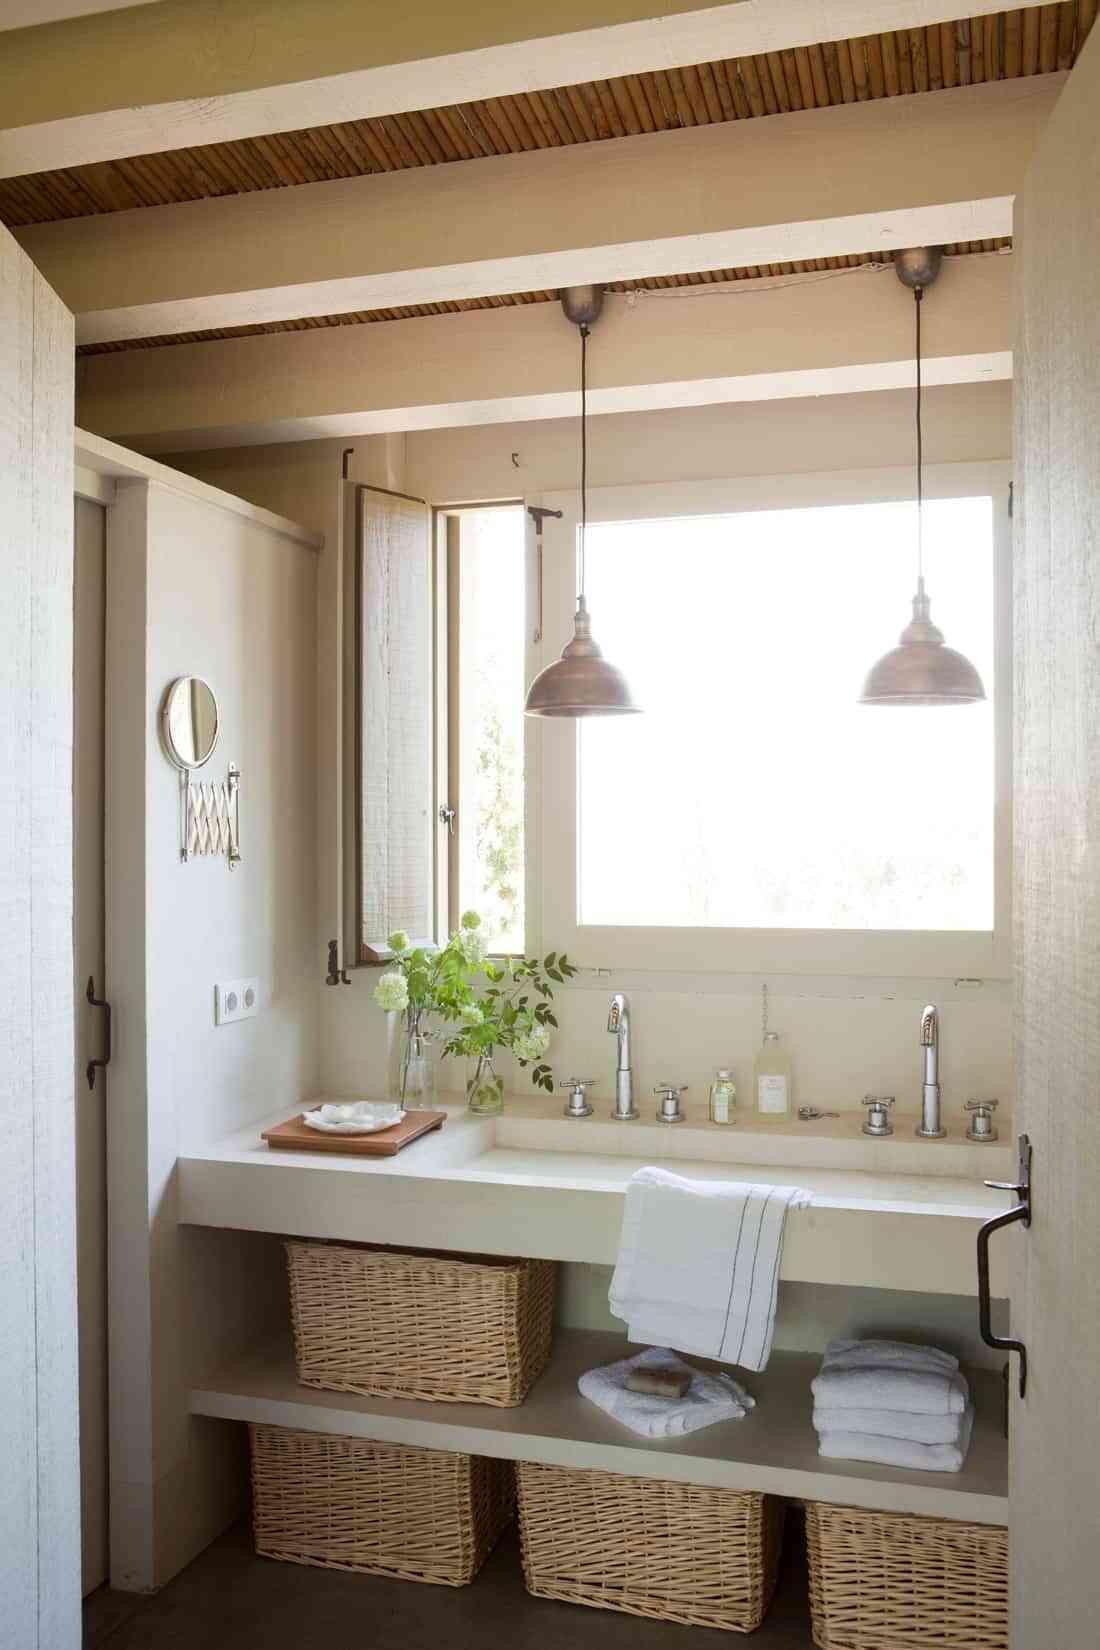 baños rústicos - cestas mimbre